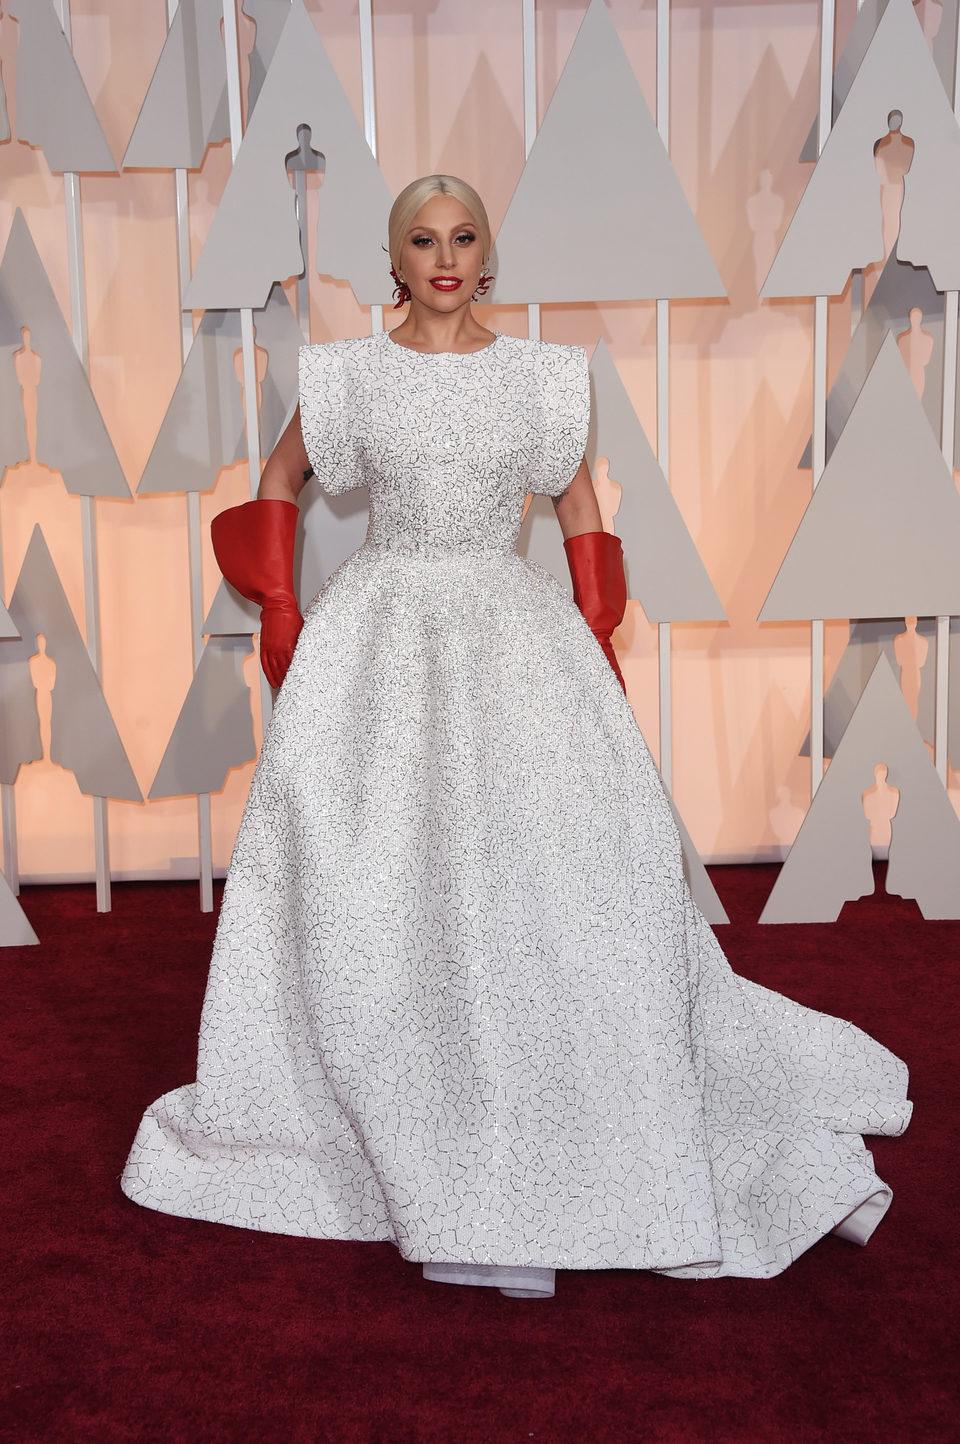 Lady Gaga at the Oscars Awards 2015 red carpet